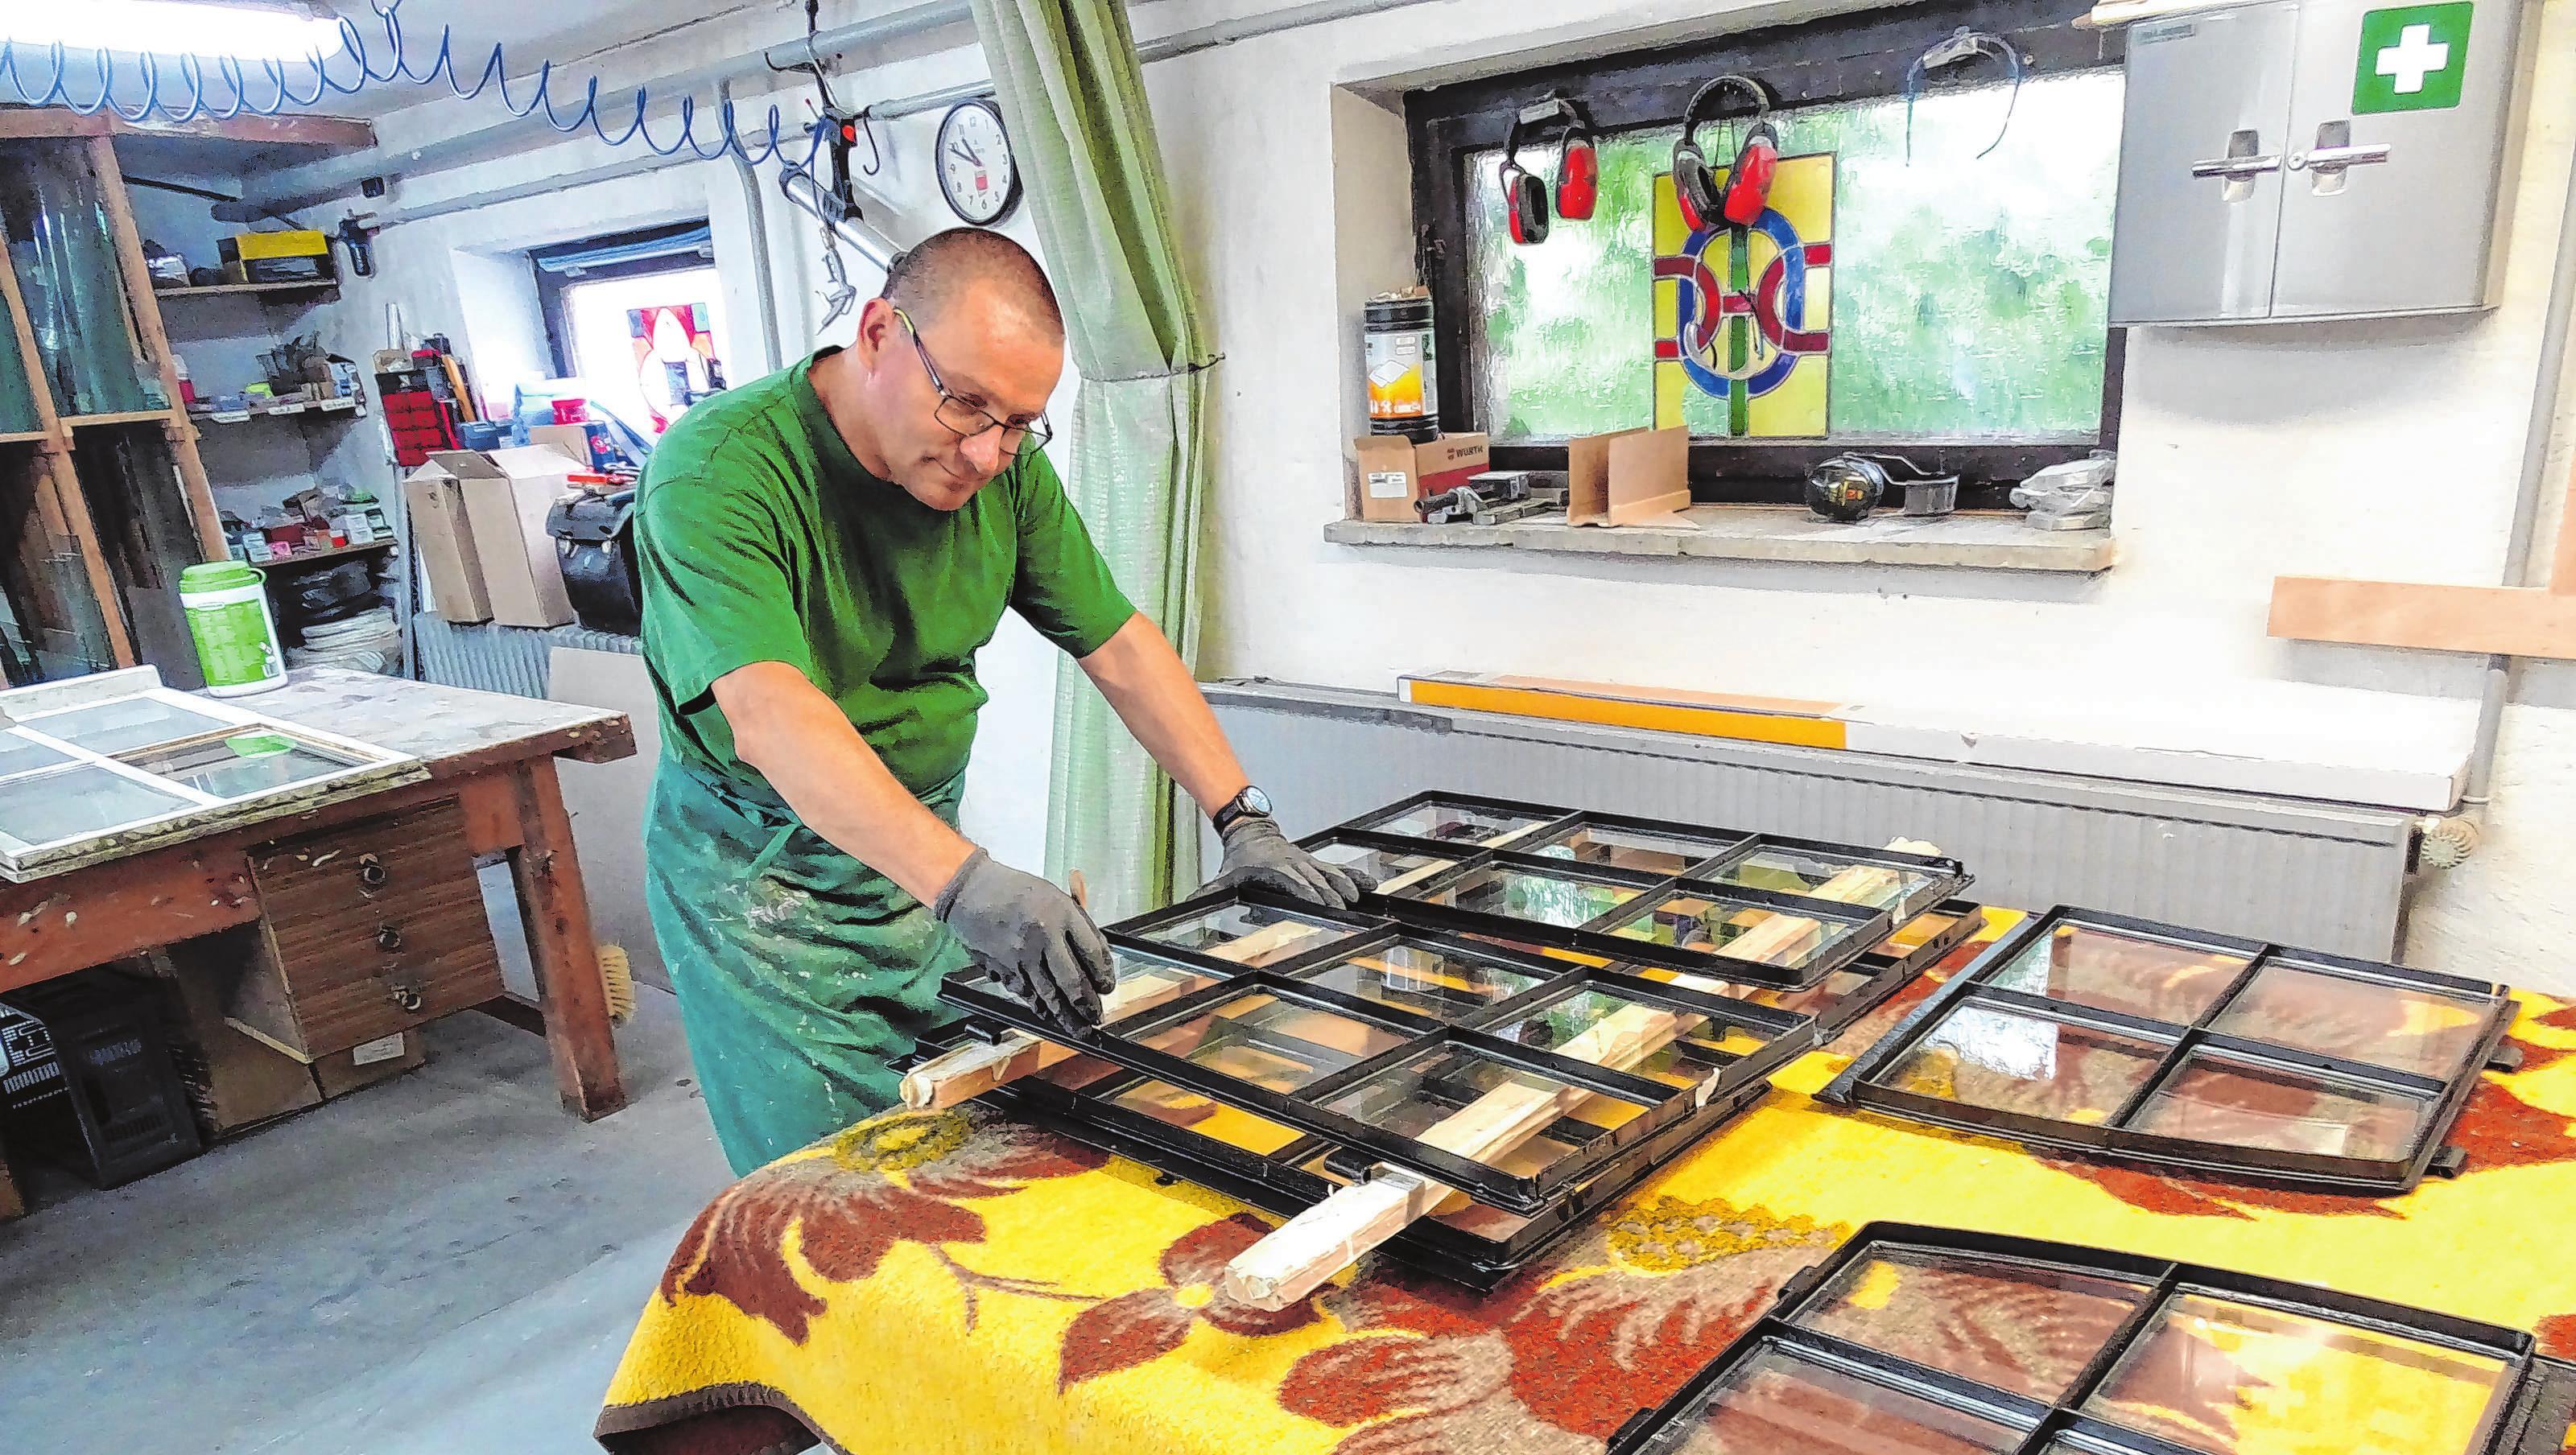 Wolfgang Stepke bei der Arbeit in der Werkstatt der Kunst- und Bauglaserei. Fotos: lm